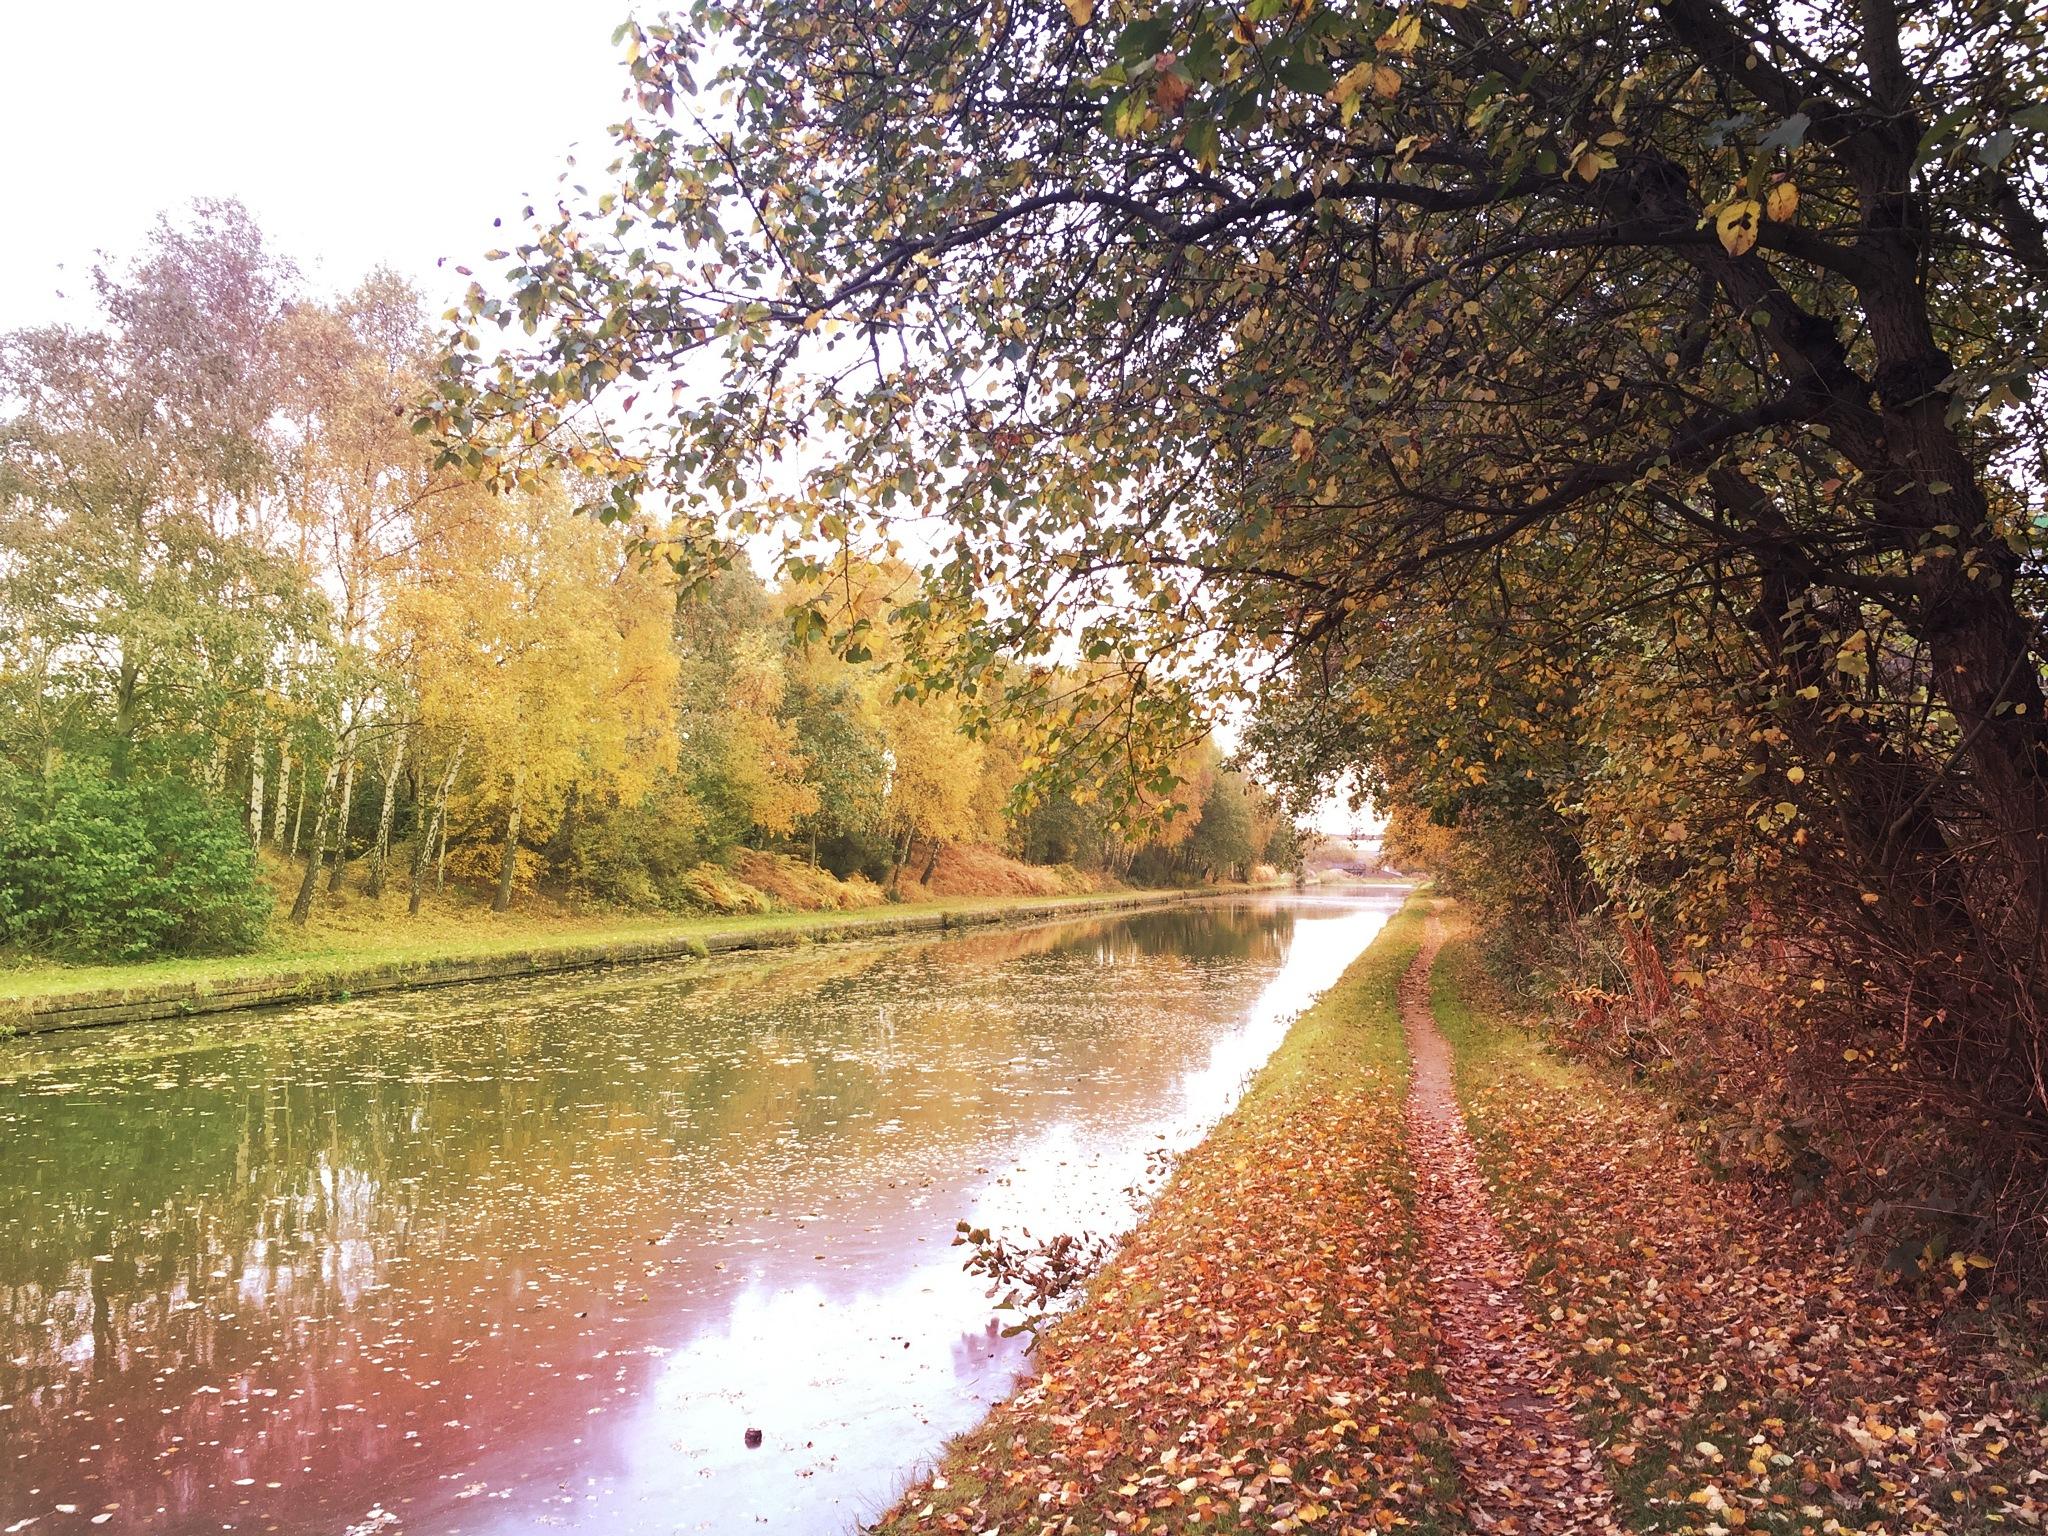 Autumn full steam ahead by Darren Juden Gardner